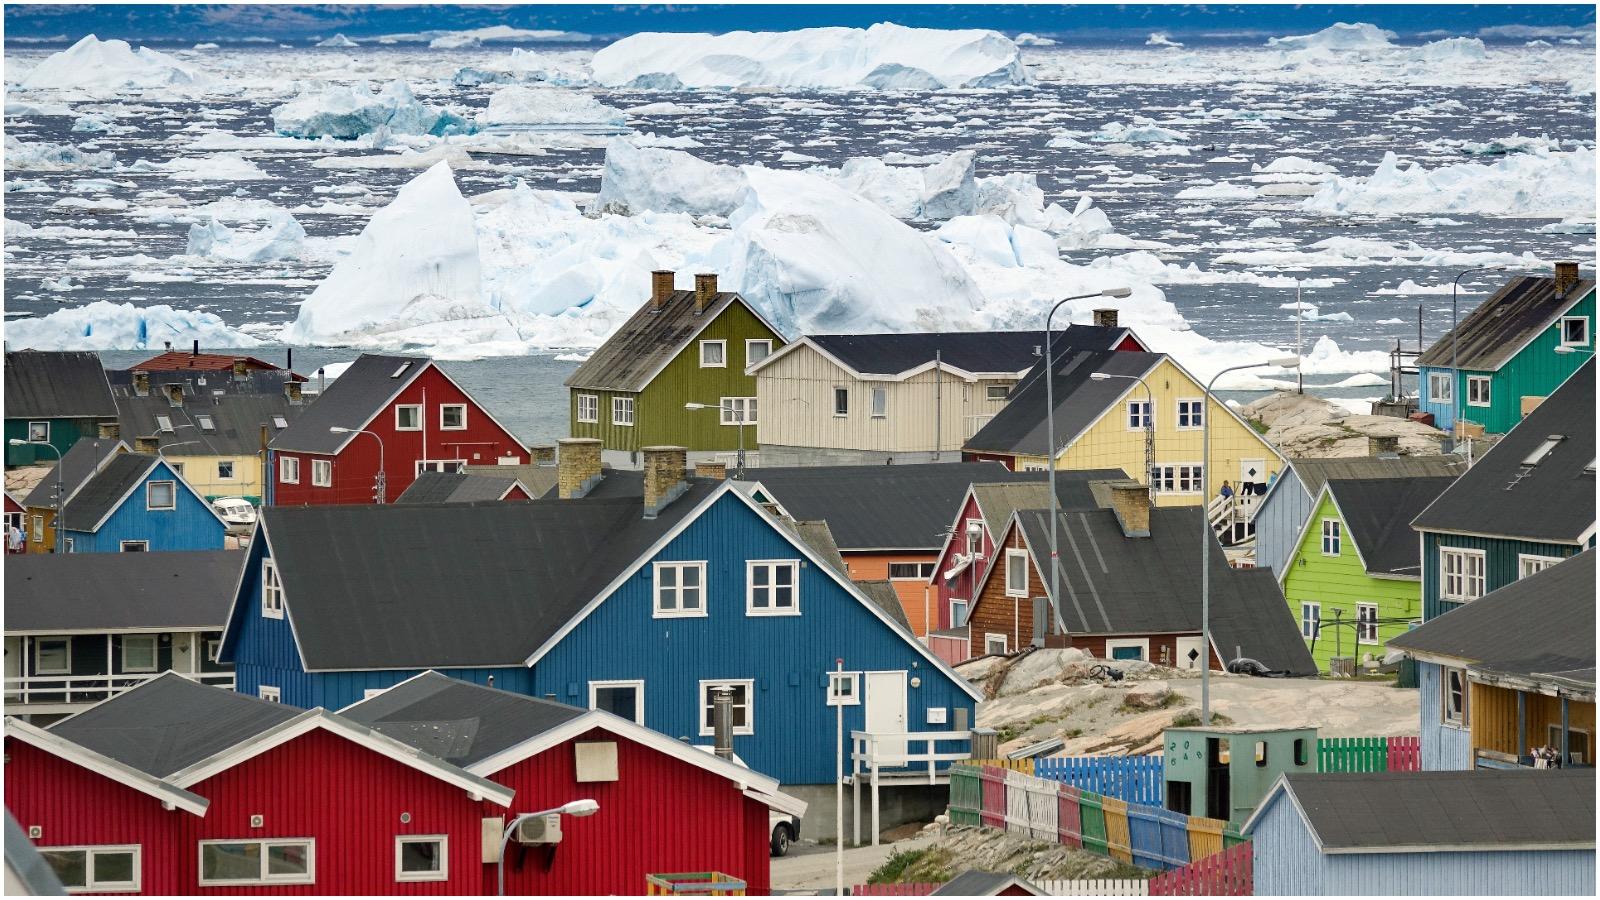 Ph.d. André Ken Jakobsson: Kina har store ambitioner om strategiske investeringer i Grønland. Ser vi en vasalstat i vente?